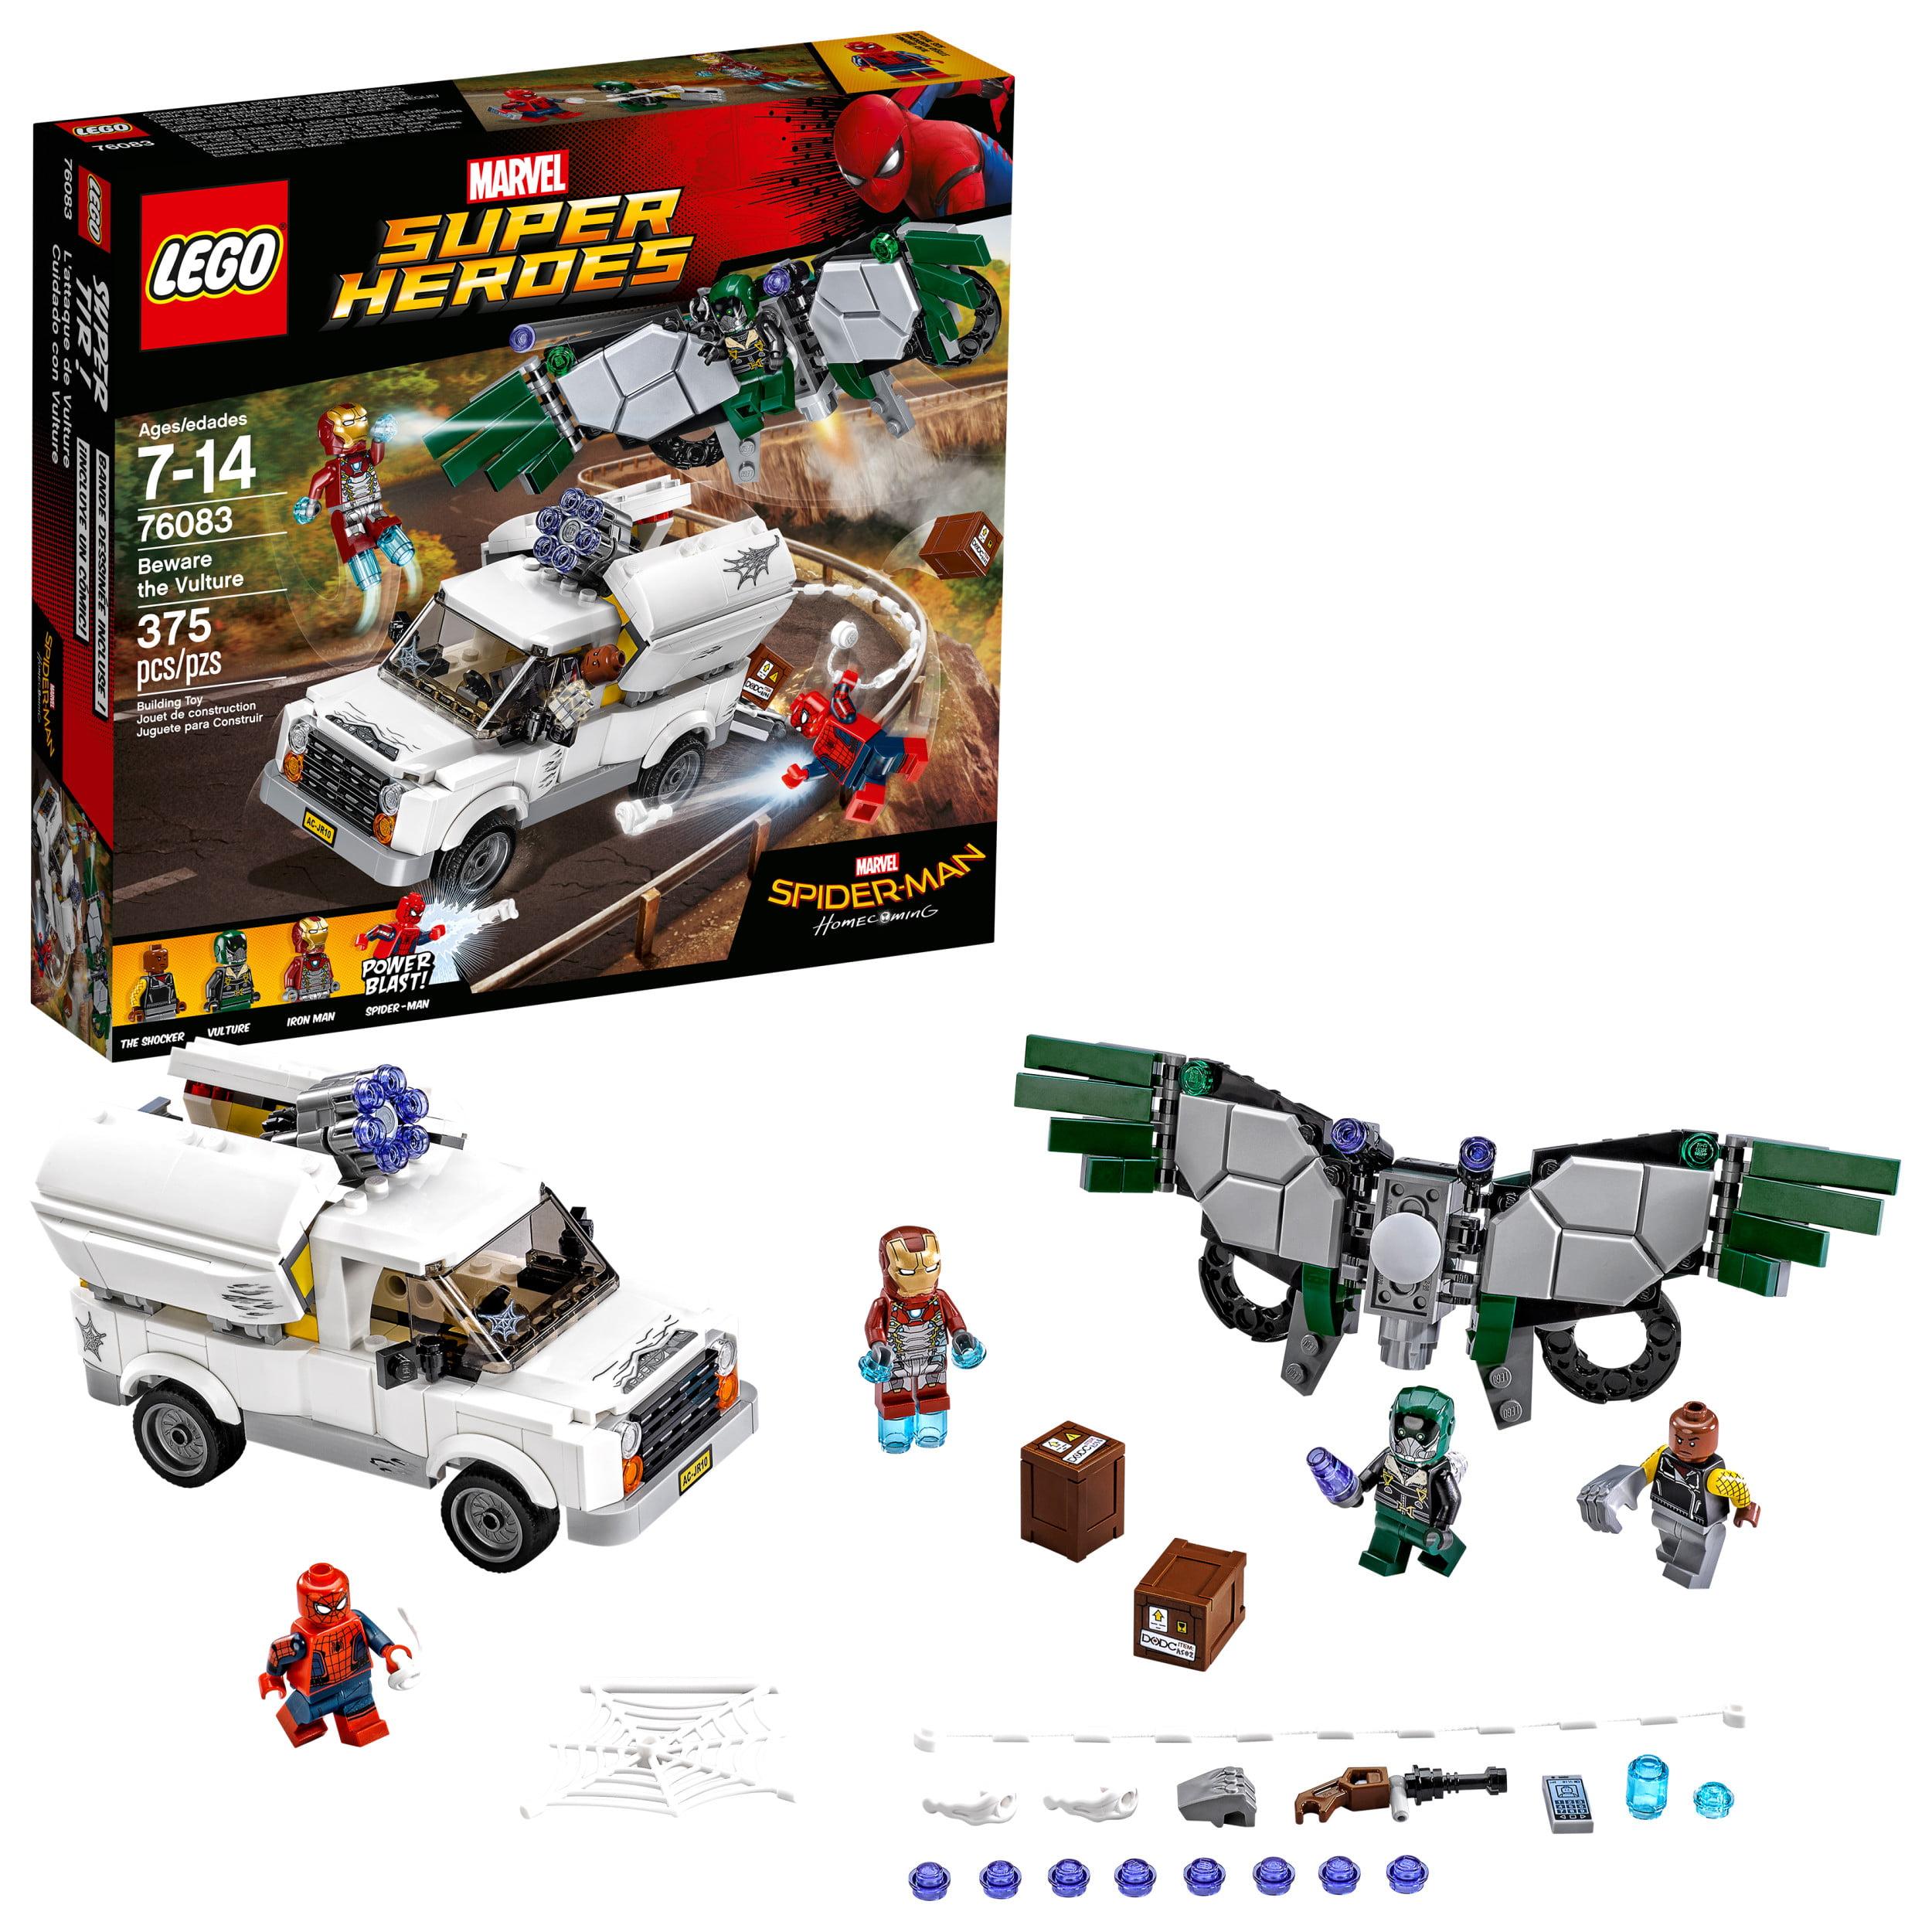 102544ade1871 LEGO Super Heroes Beware the Vulture 76083 (375 Pieces) - Walmart.com